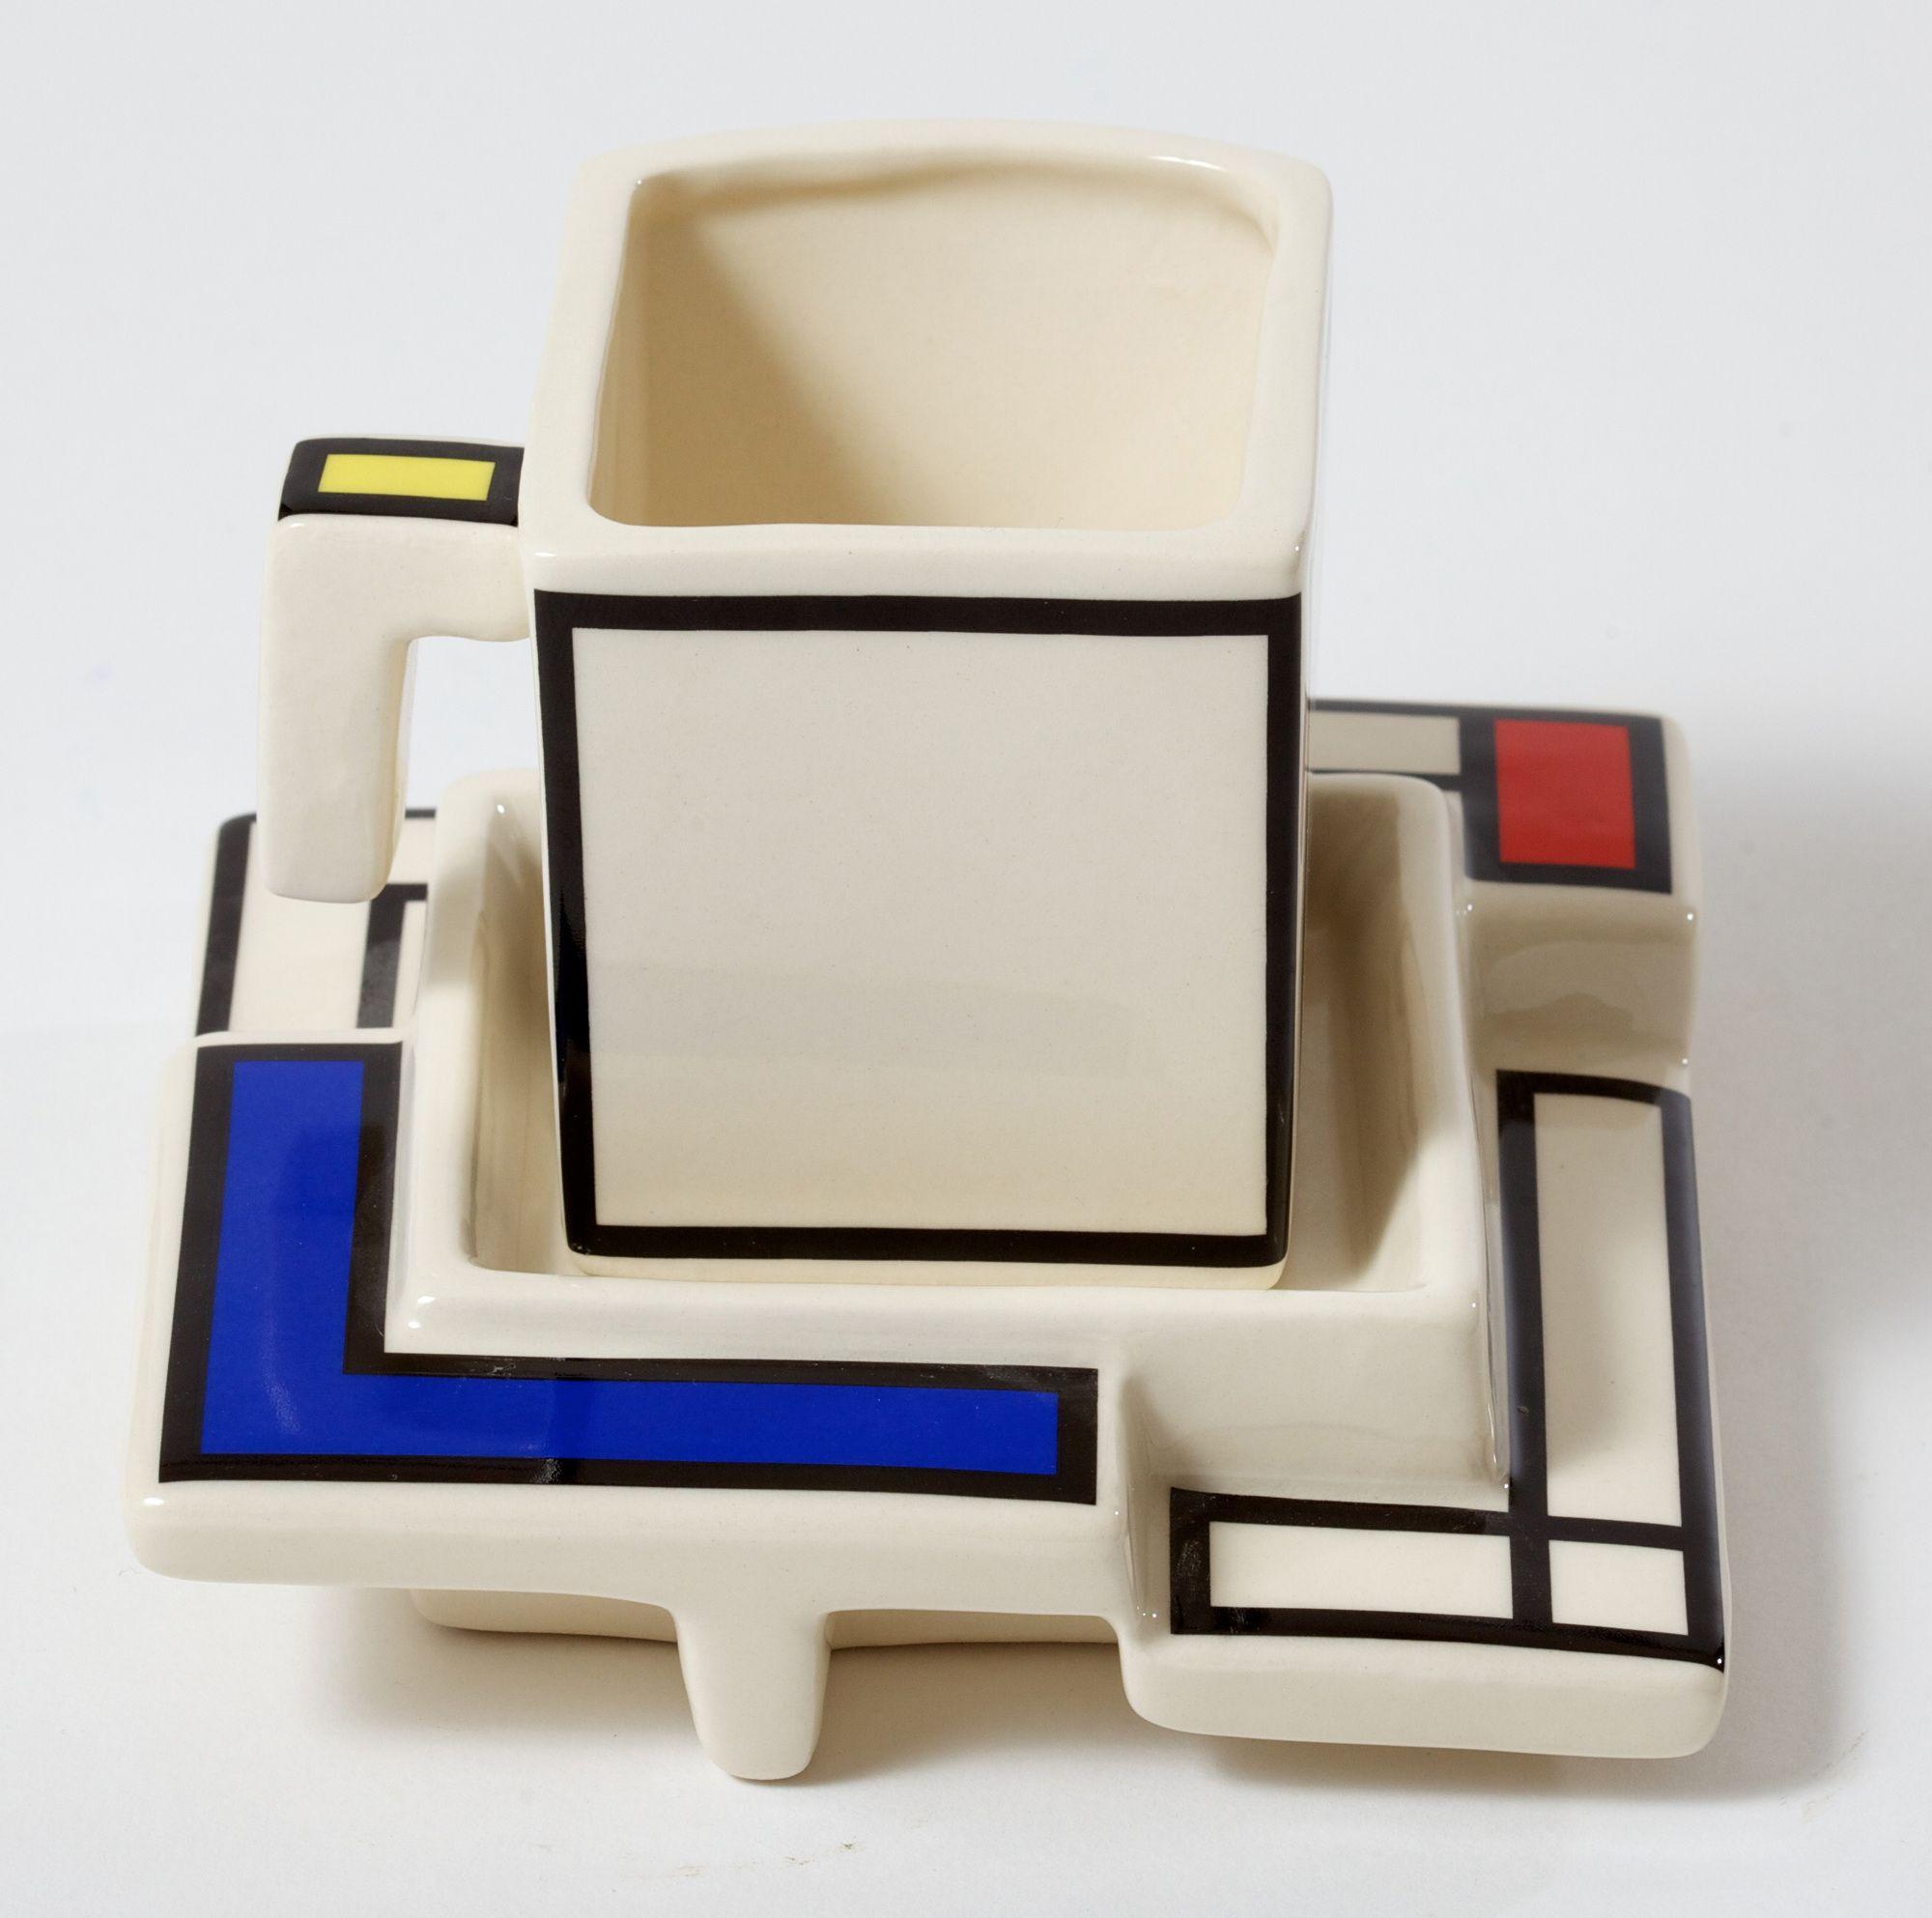 Tea Pottery Mondriaan Tea Cup and Saucer